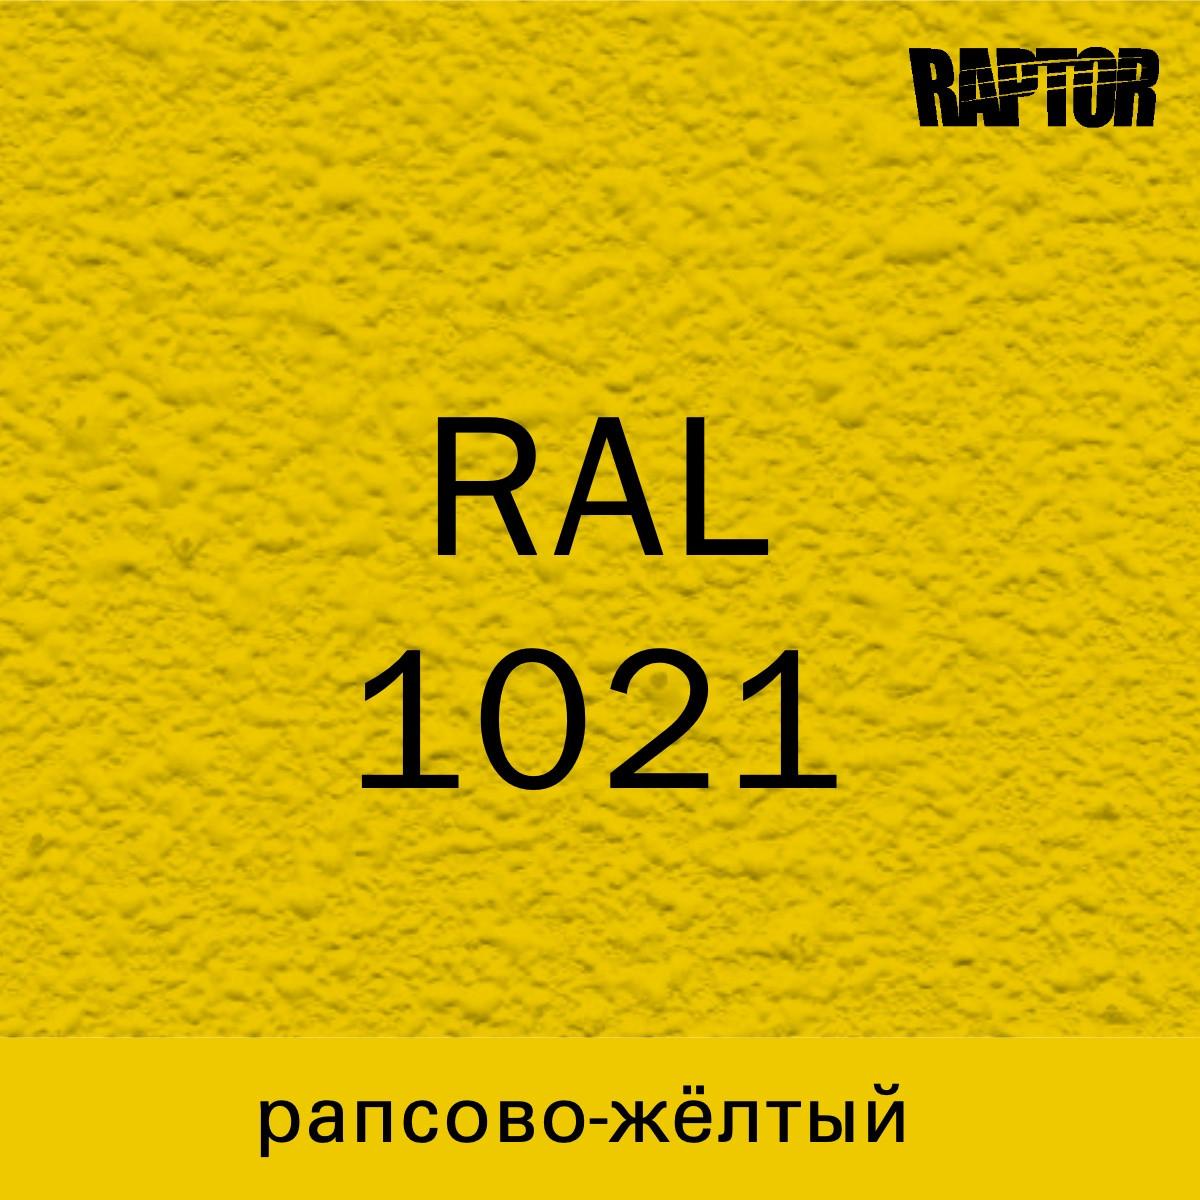 Пигмент для колеровки покрытия RAPTOR™ Рапсово-жёлтый (RAL 1021)